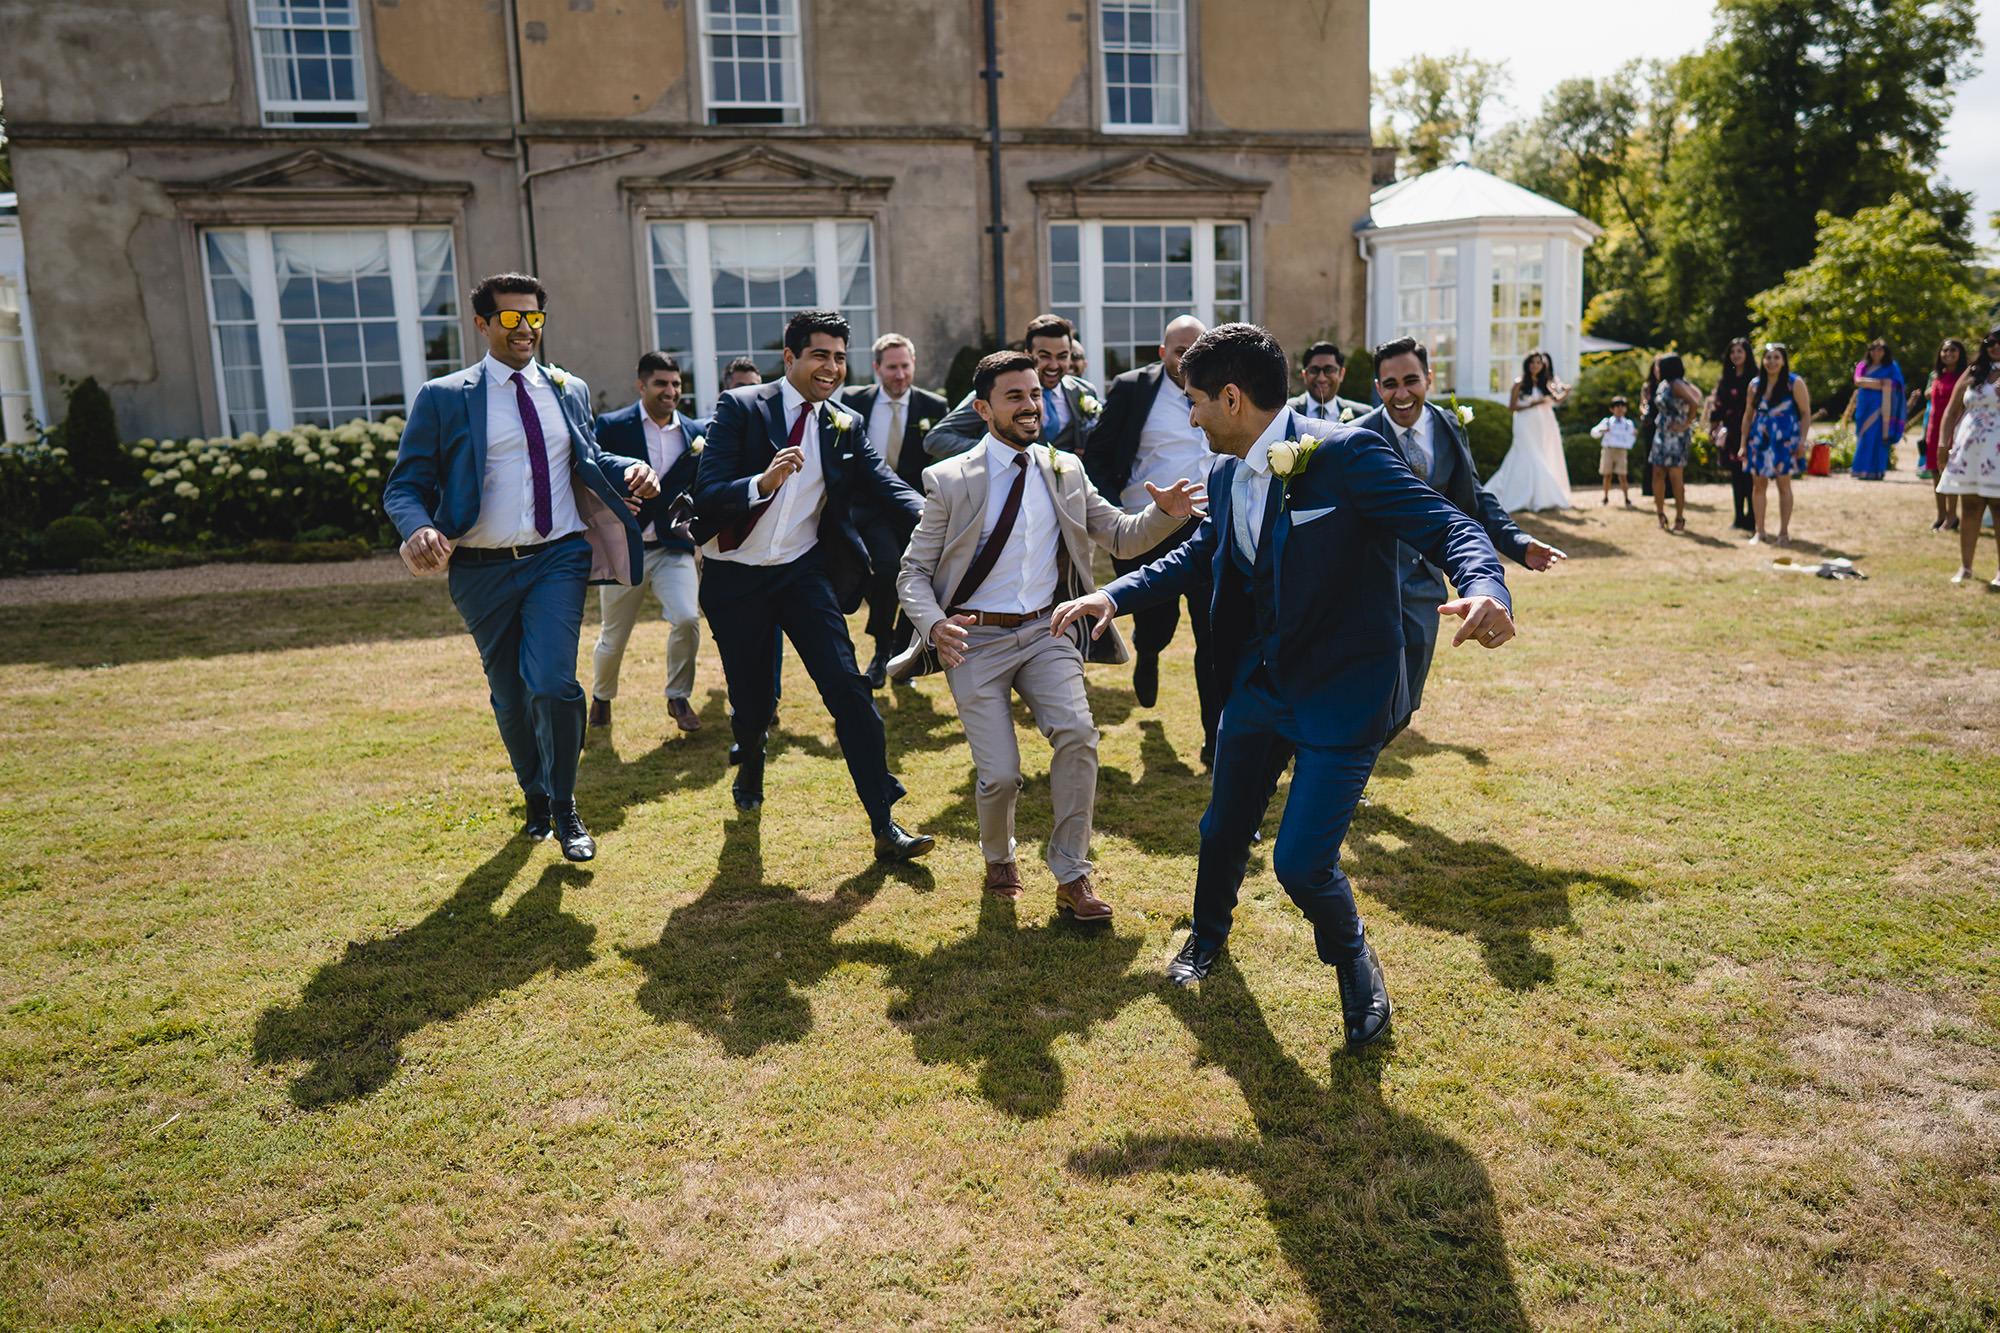 groomsmen chasing the groom